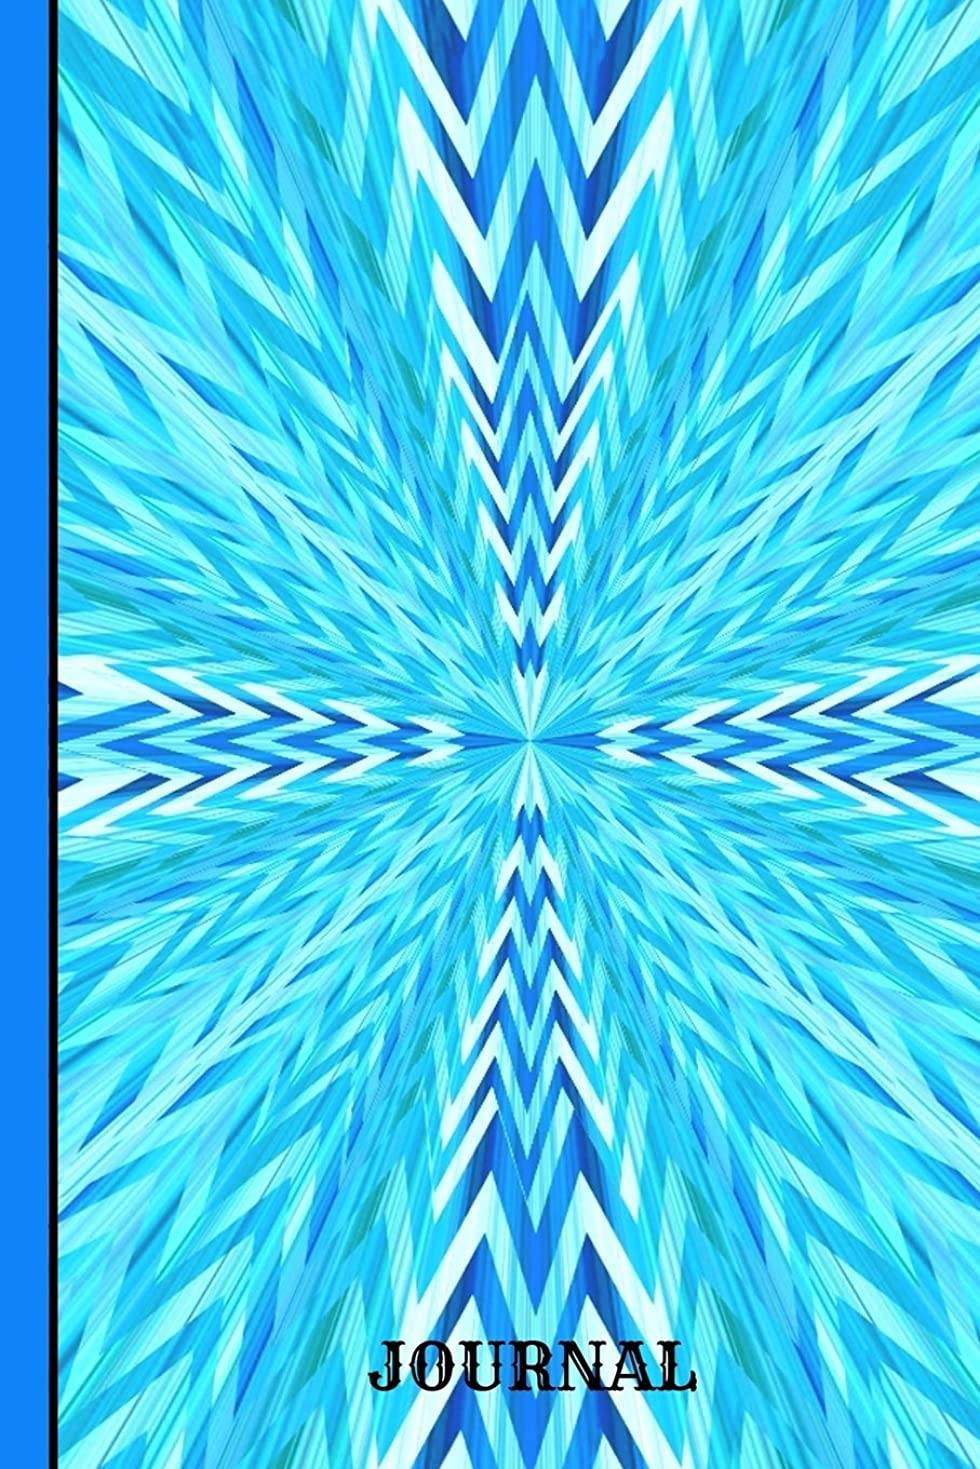 エスニック従順なタヒチJournal: Burst Of Blue Colors, Daily Writing Journal, Notebook Planner, Lined Paper, 100 Pages  (6